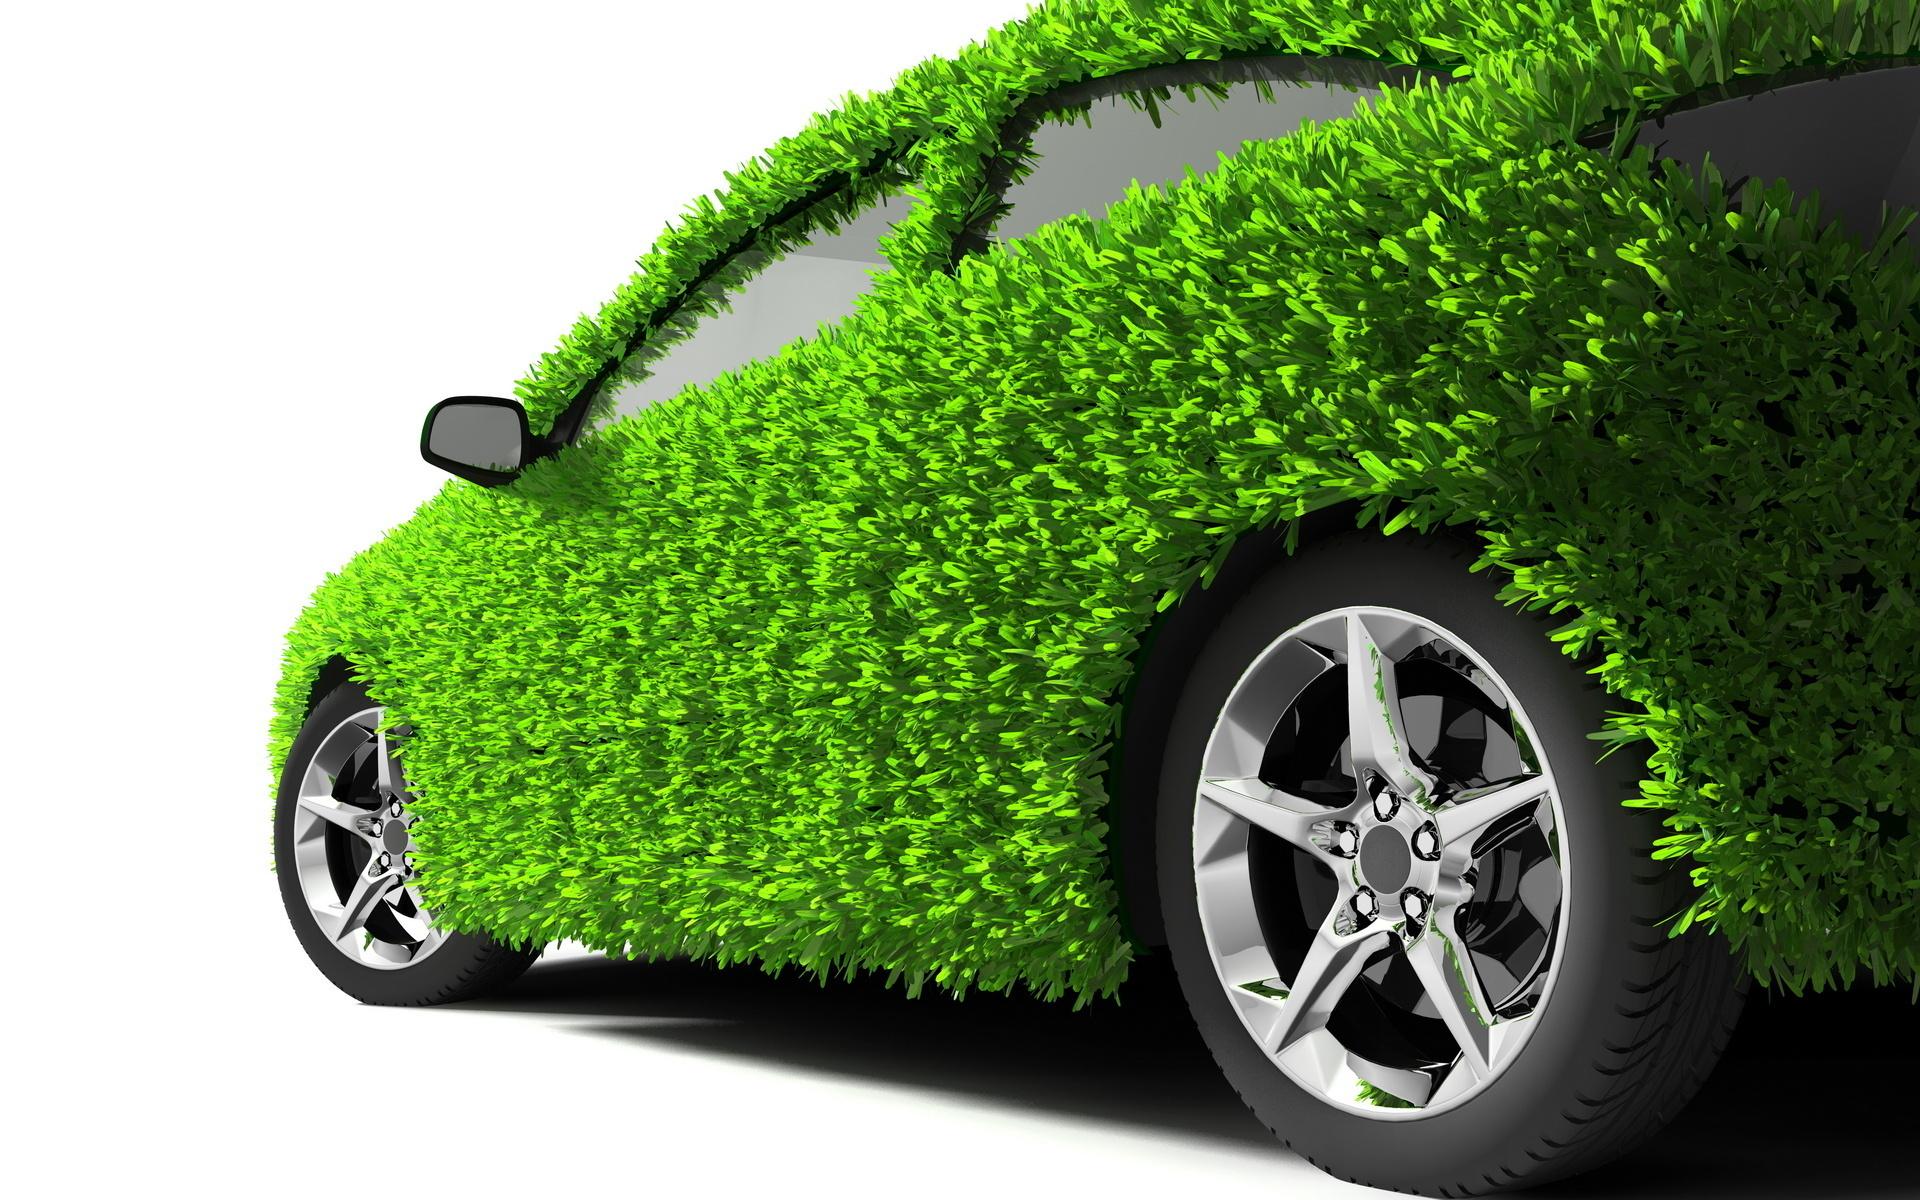 Free Images Ecology Motor Vehicle Green Automotive